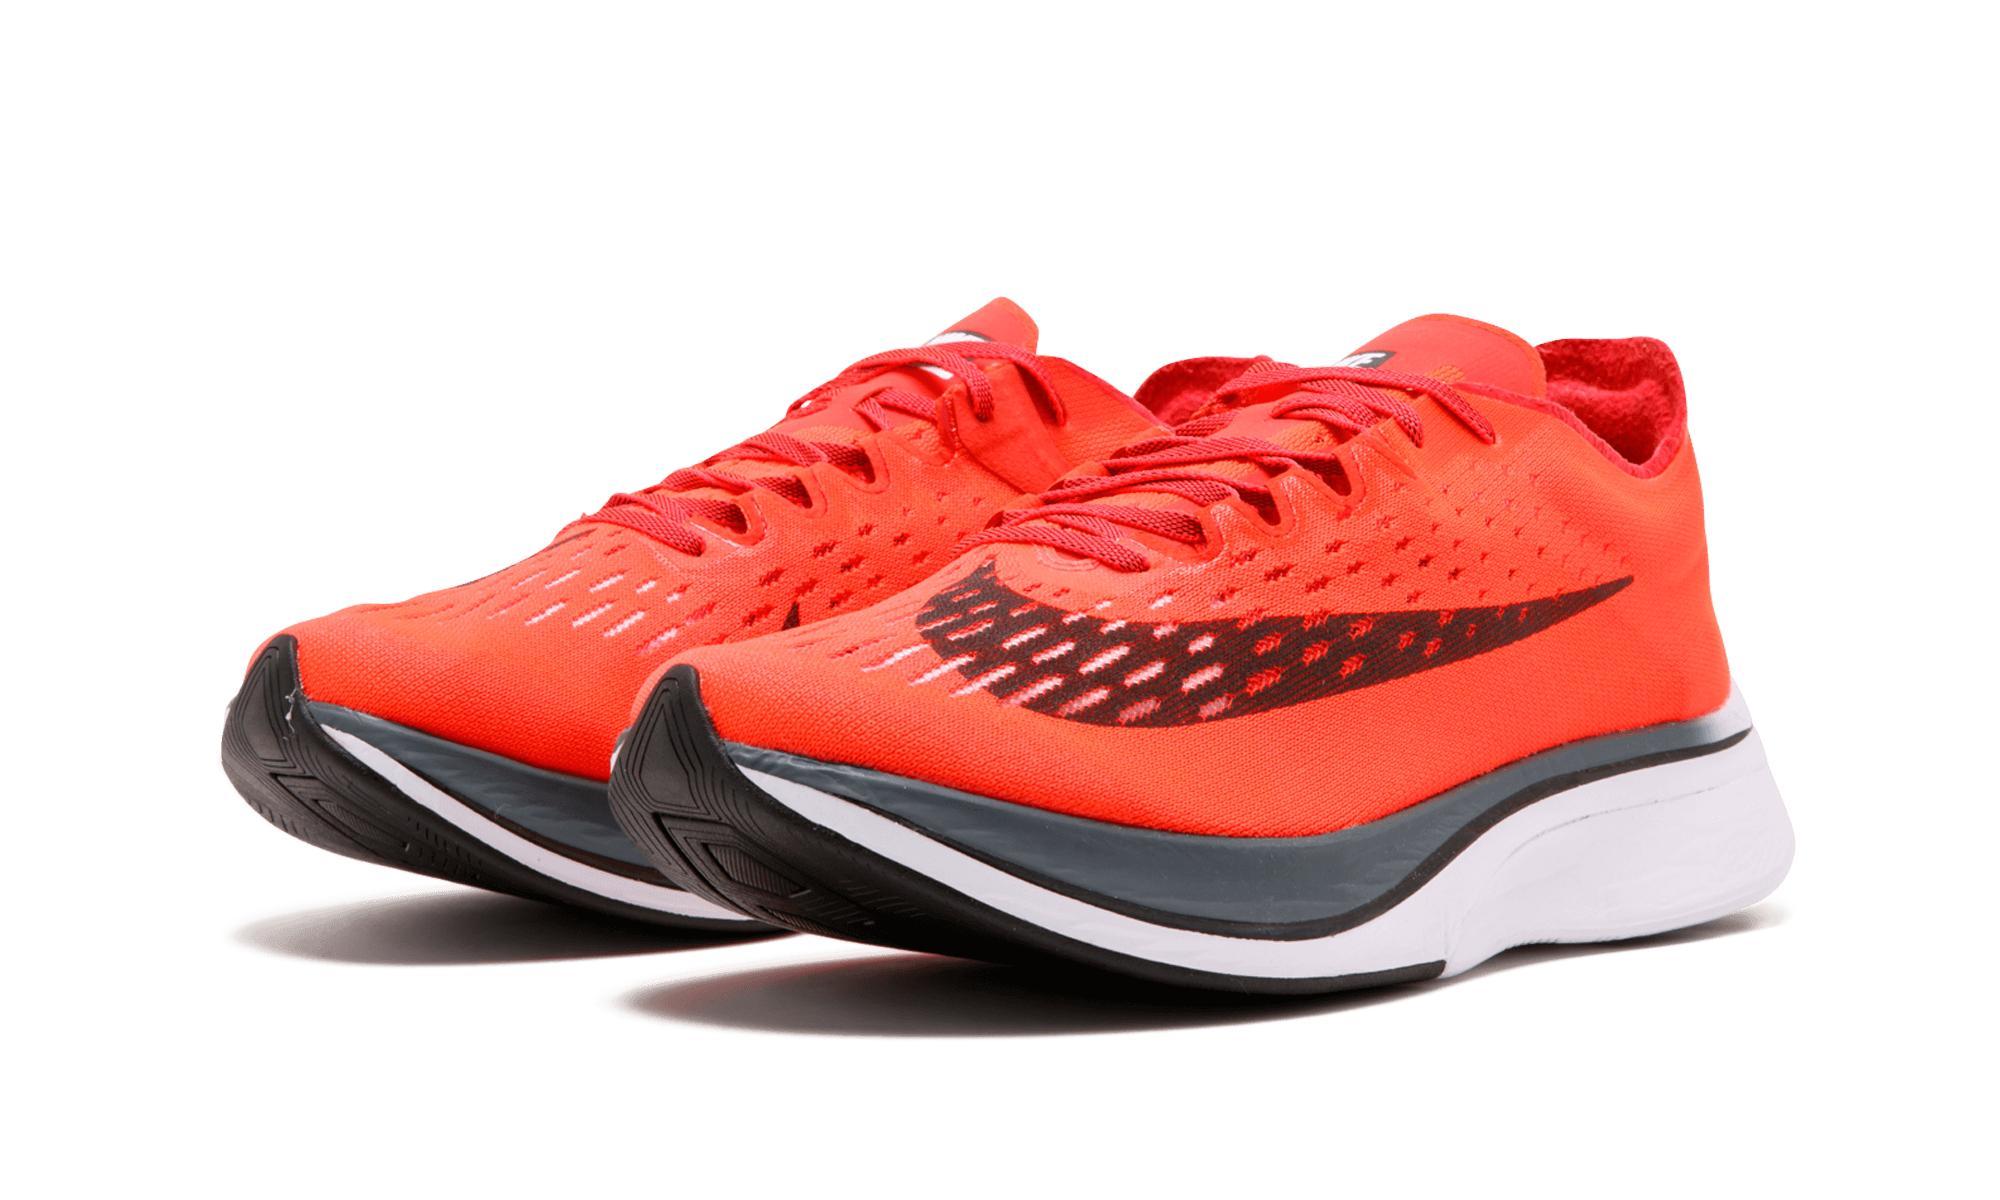 50d8c6558aaae Nike - Red Zoom Vaporfly 4% for Men - Lyst. View fullscreen